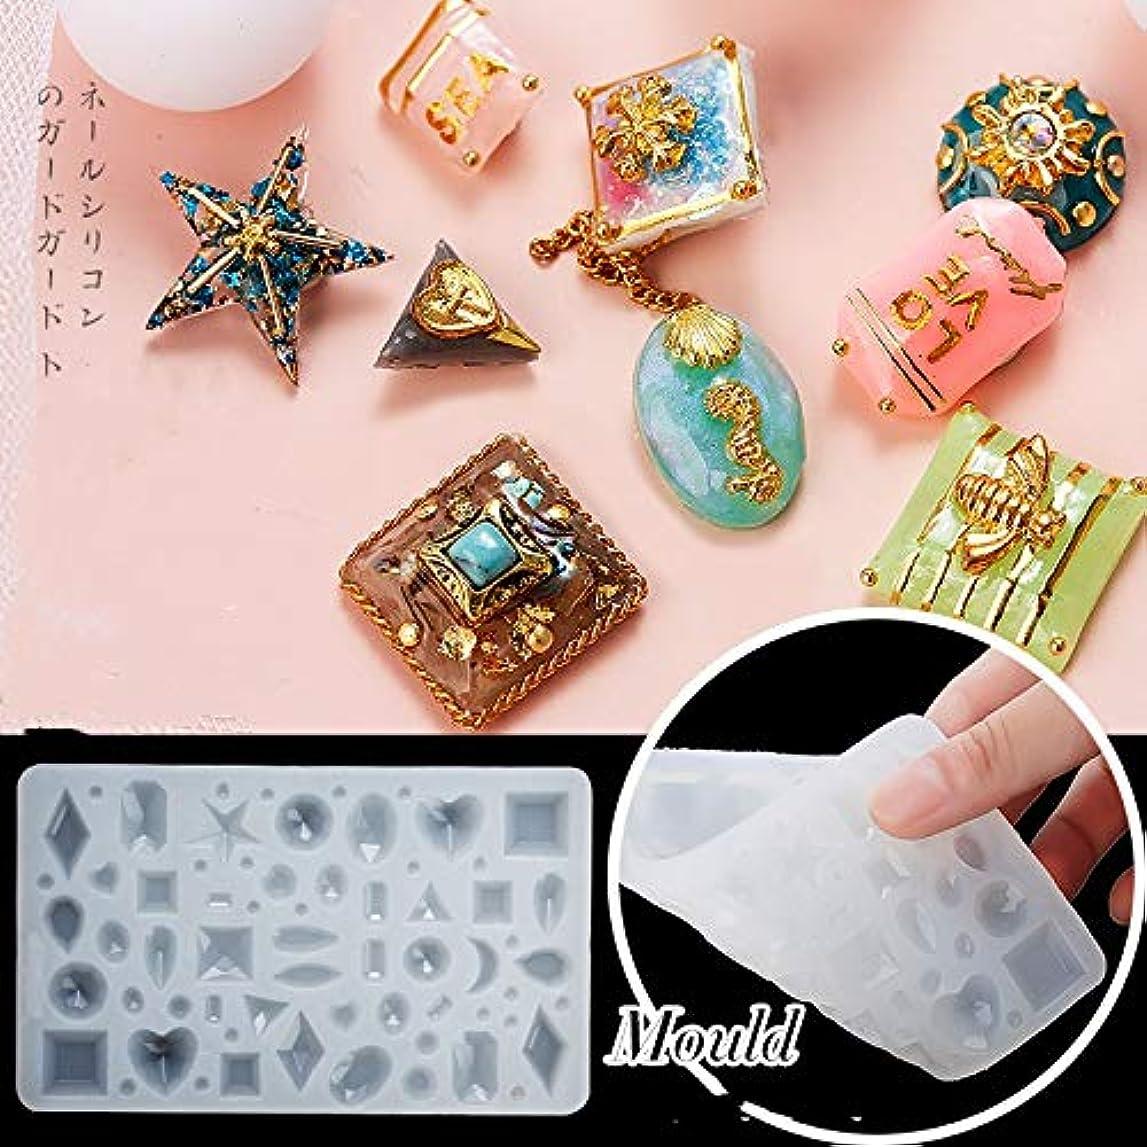 洗練されたスキルはっきりと3Dシリコンモールド   ダイヤモンド  ハート型フラワーガーデン  UVレジン ネイルパーツ ジェル ネイル セット  アクセサリー パーツ 作成 (C)